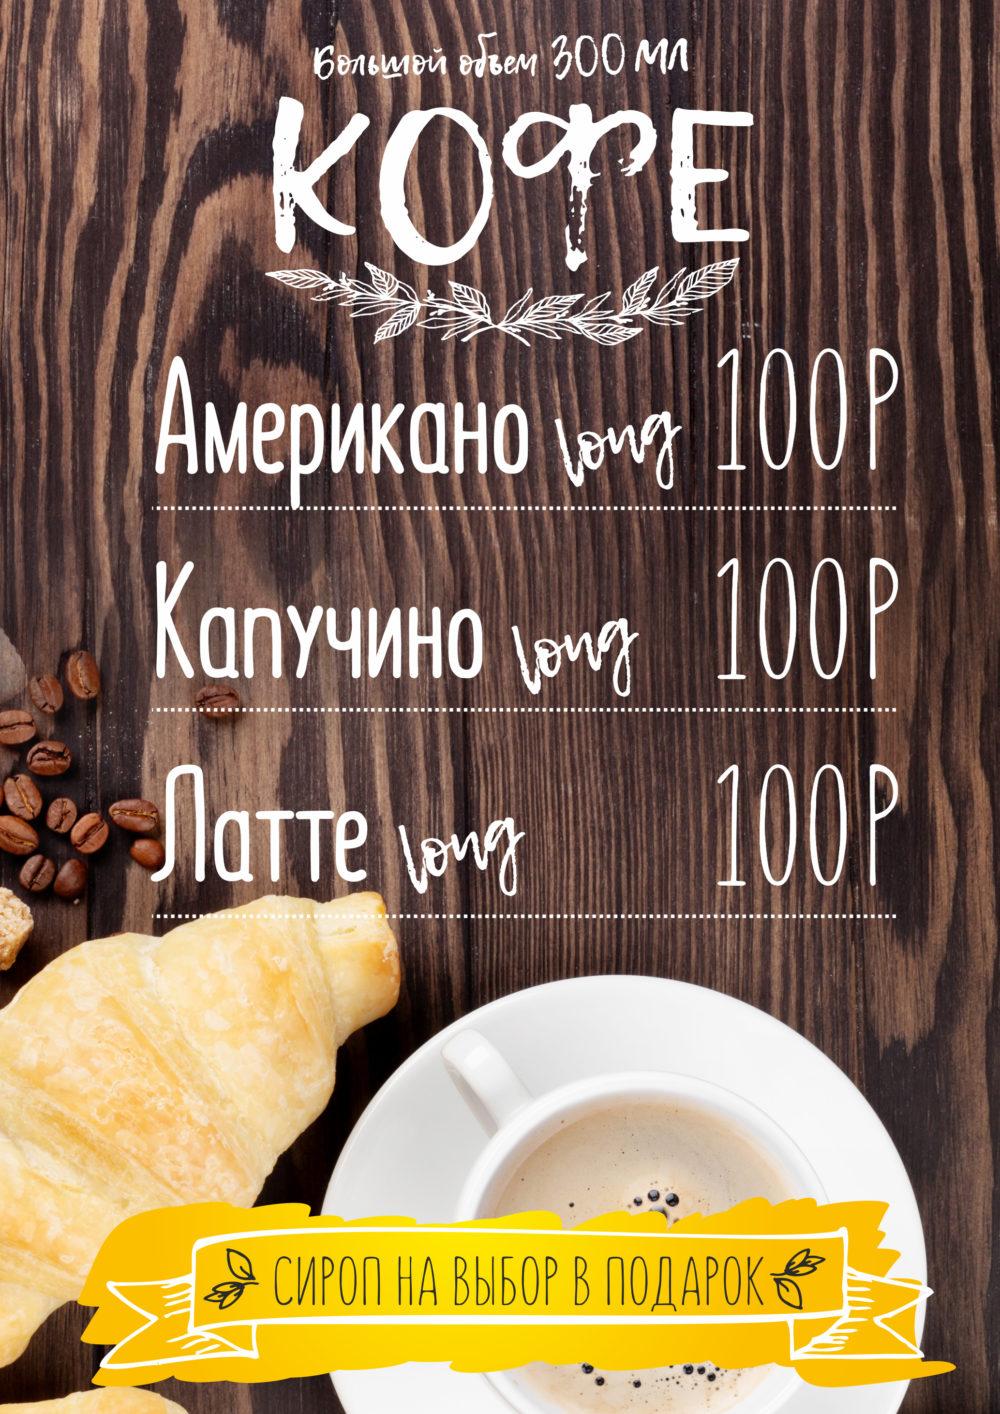 Кофе Лонг А4 ВТК (2)